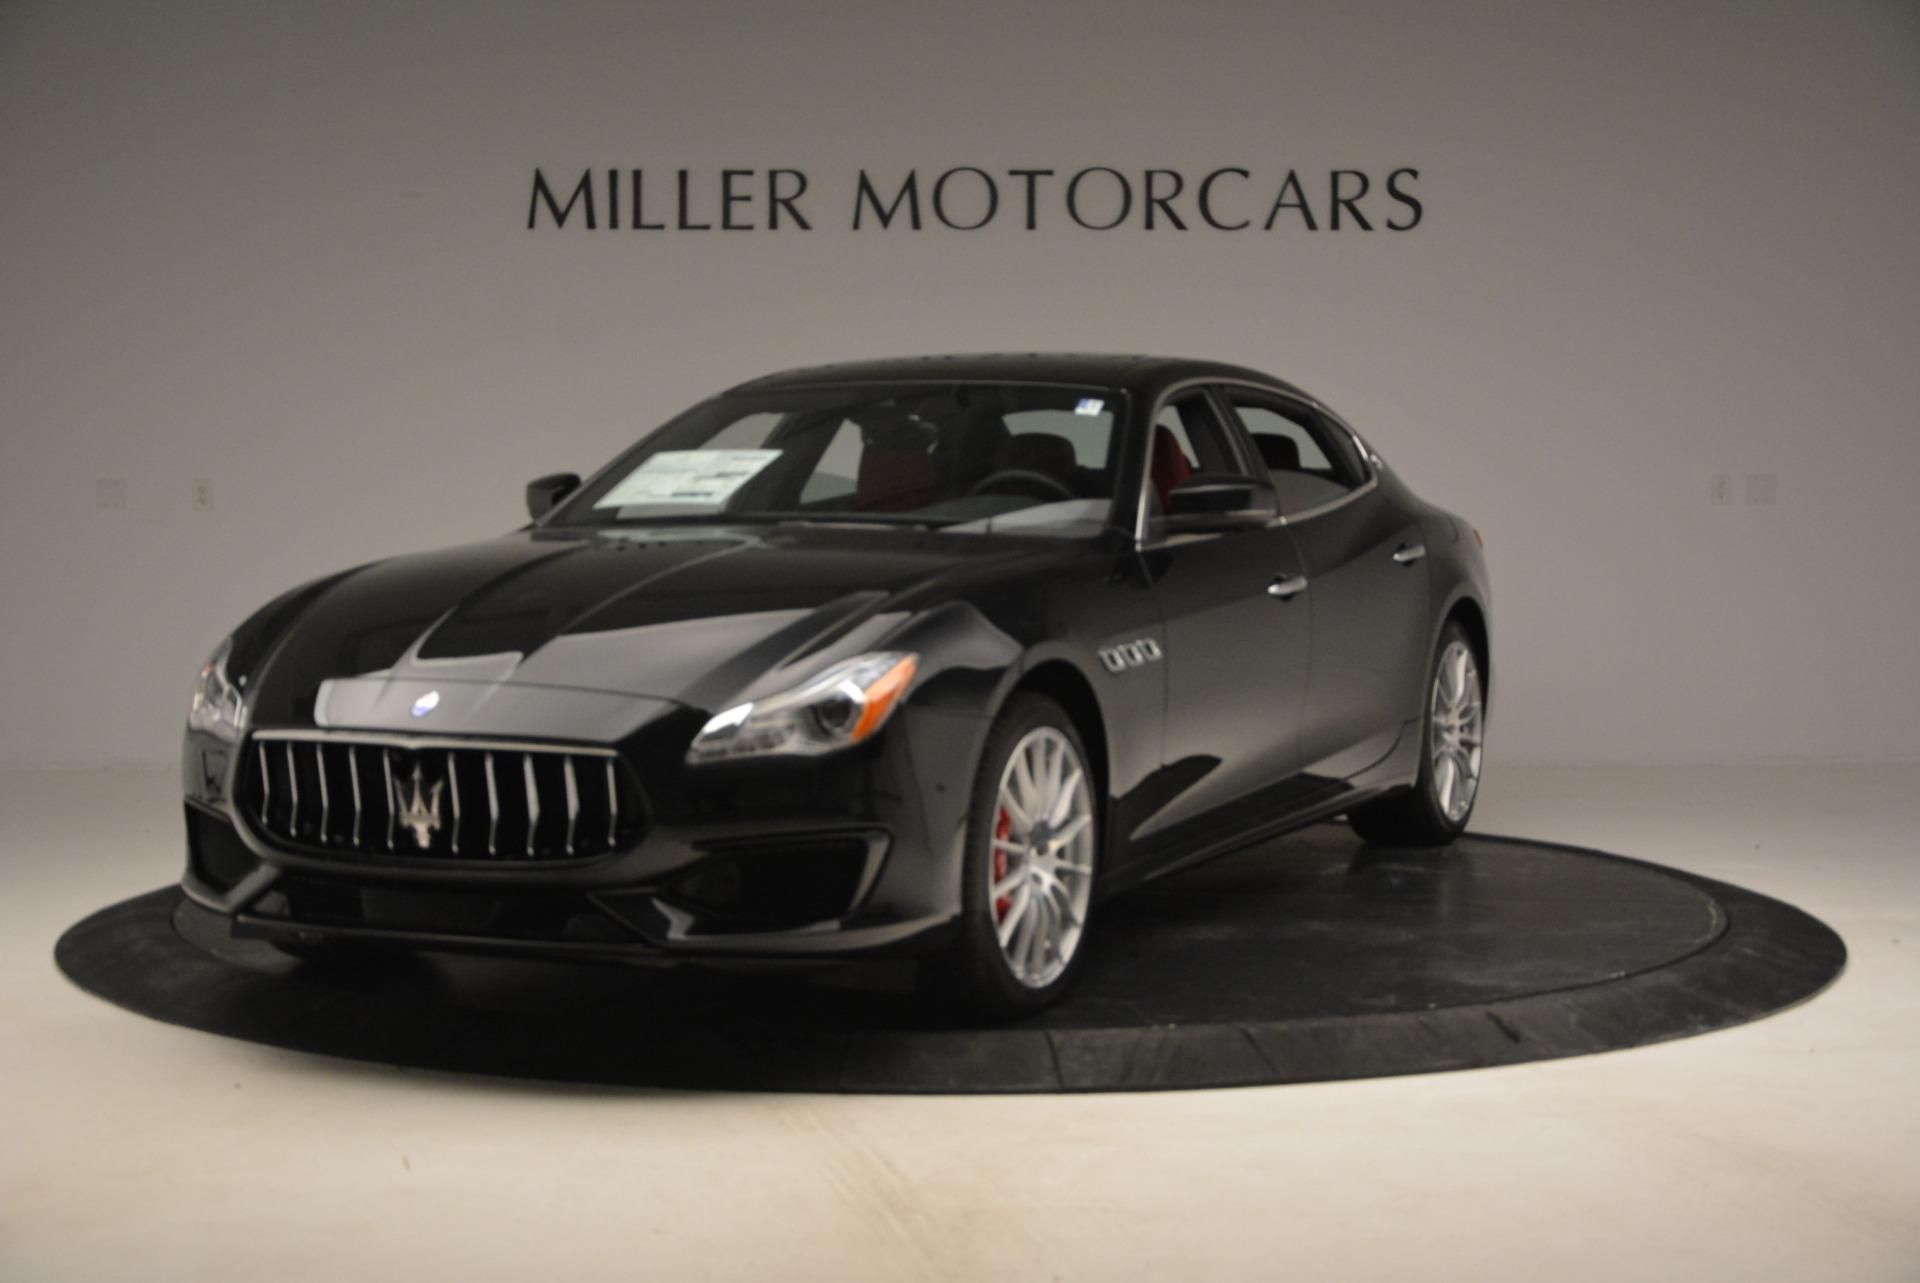 New 2017 Maserati Quattroporte S Q4 GranSport For Sale In Greenwich, CT 790_main